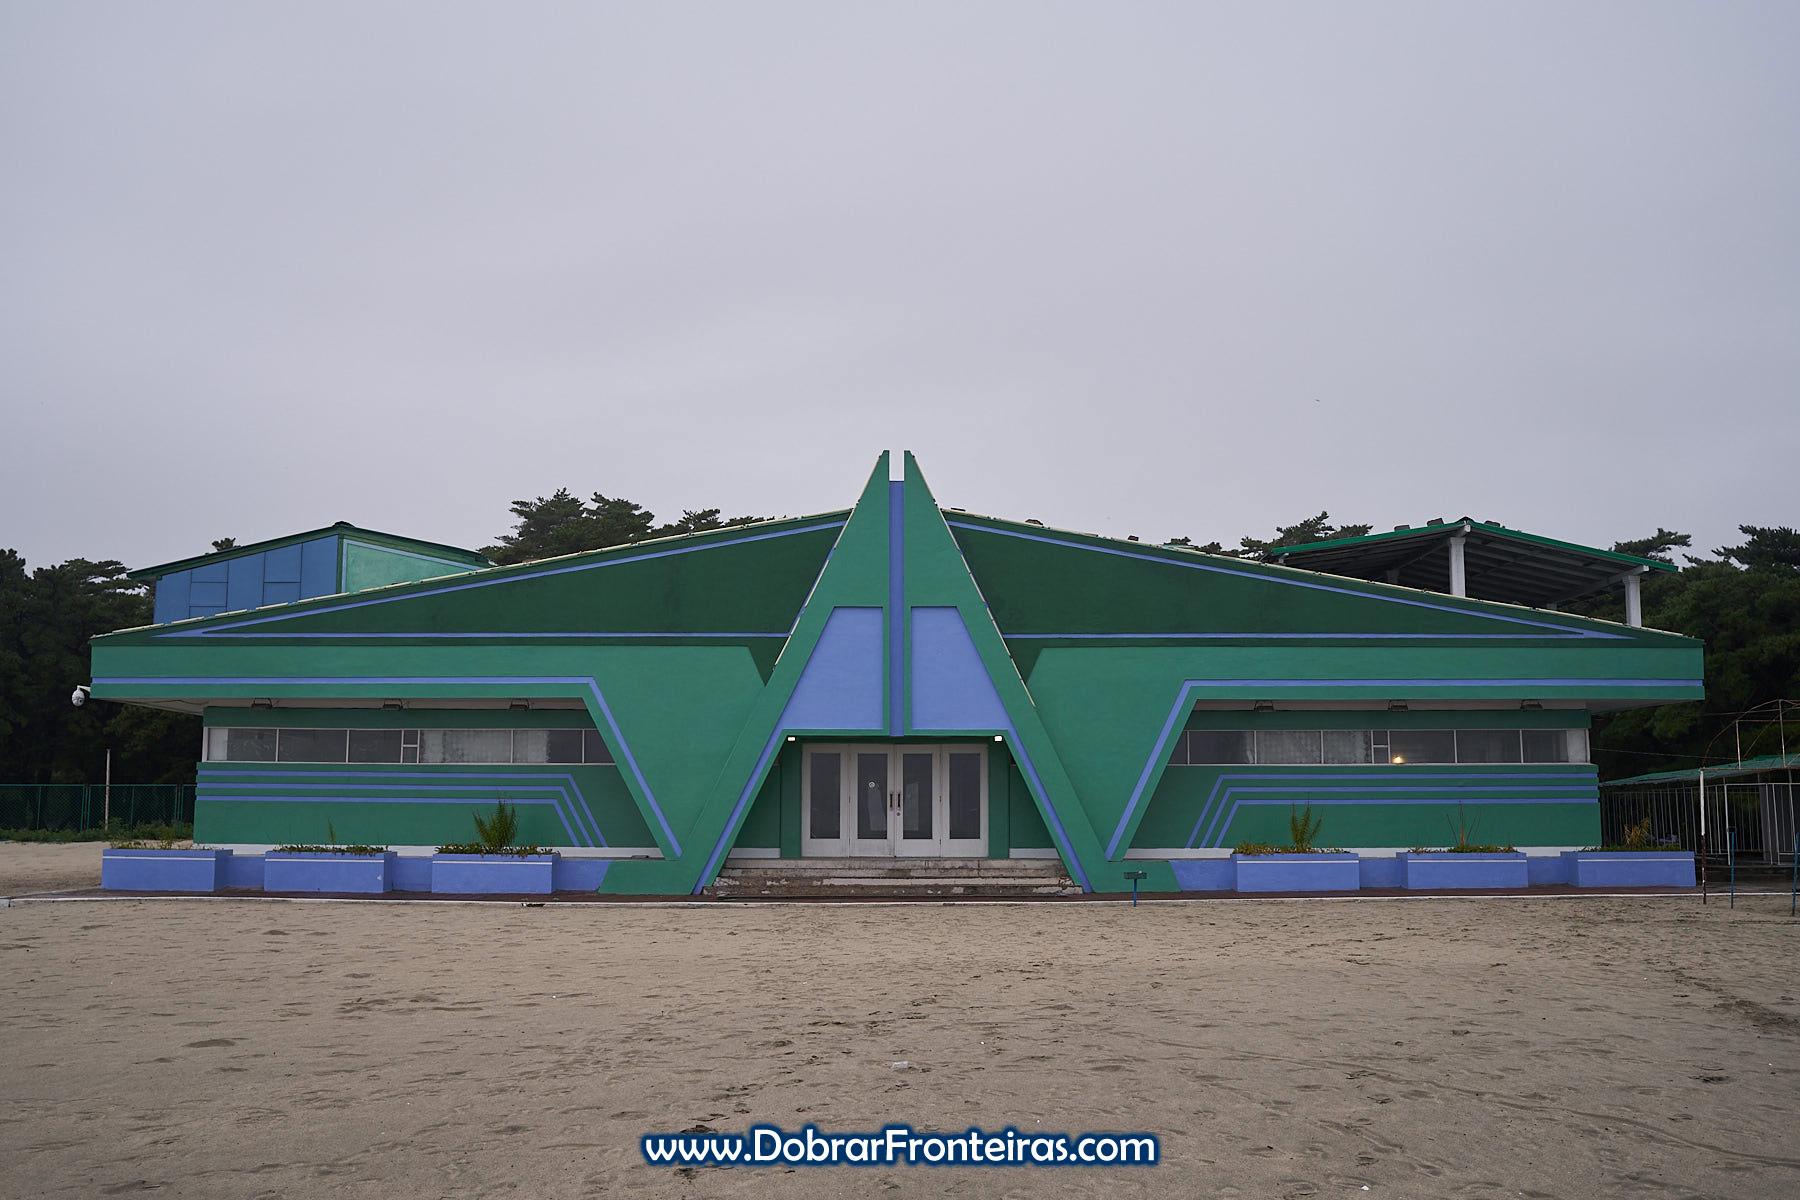 Edificio verde de arquitectura soviética na praia em Wonsan na Coreia do Norte